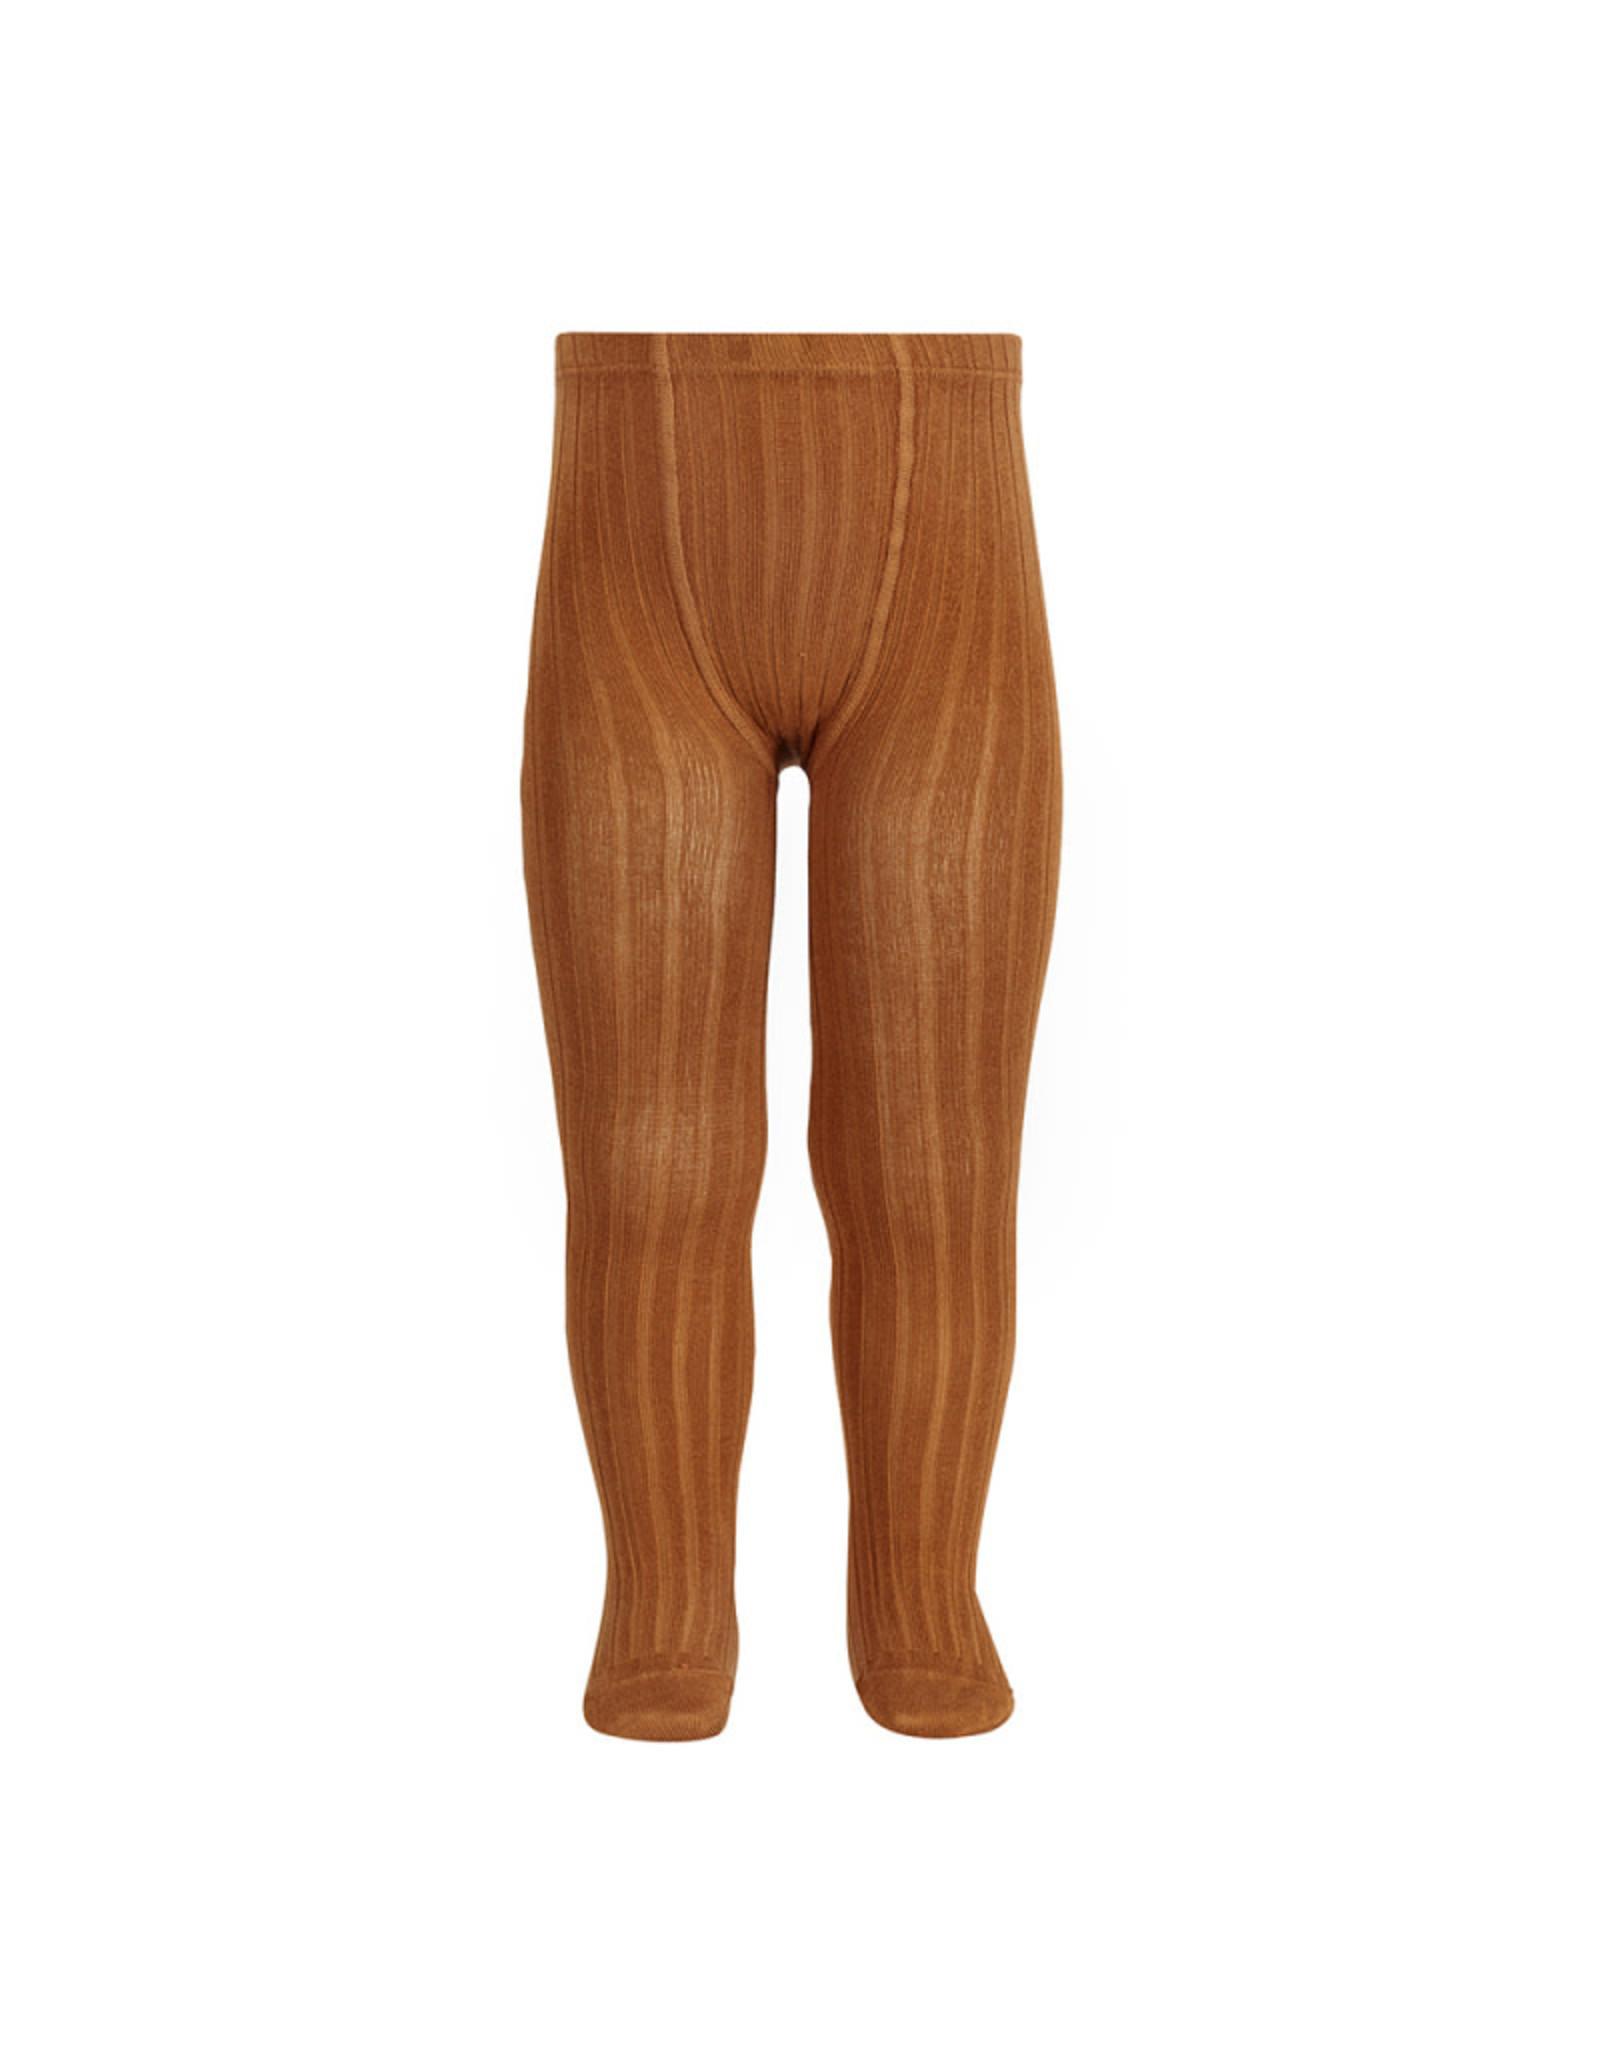 CONDOR Cinnamon Rib Tights